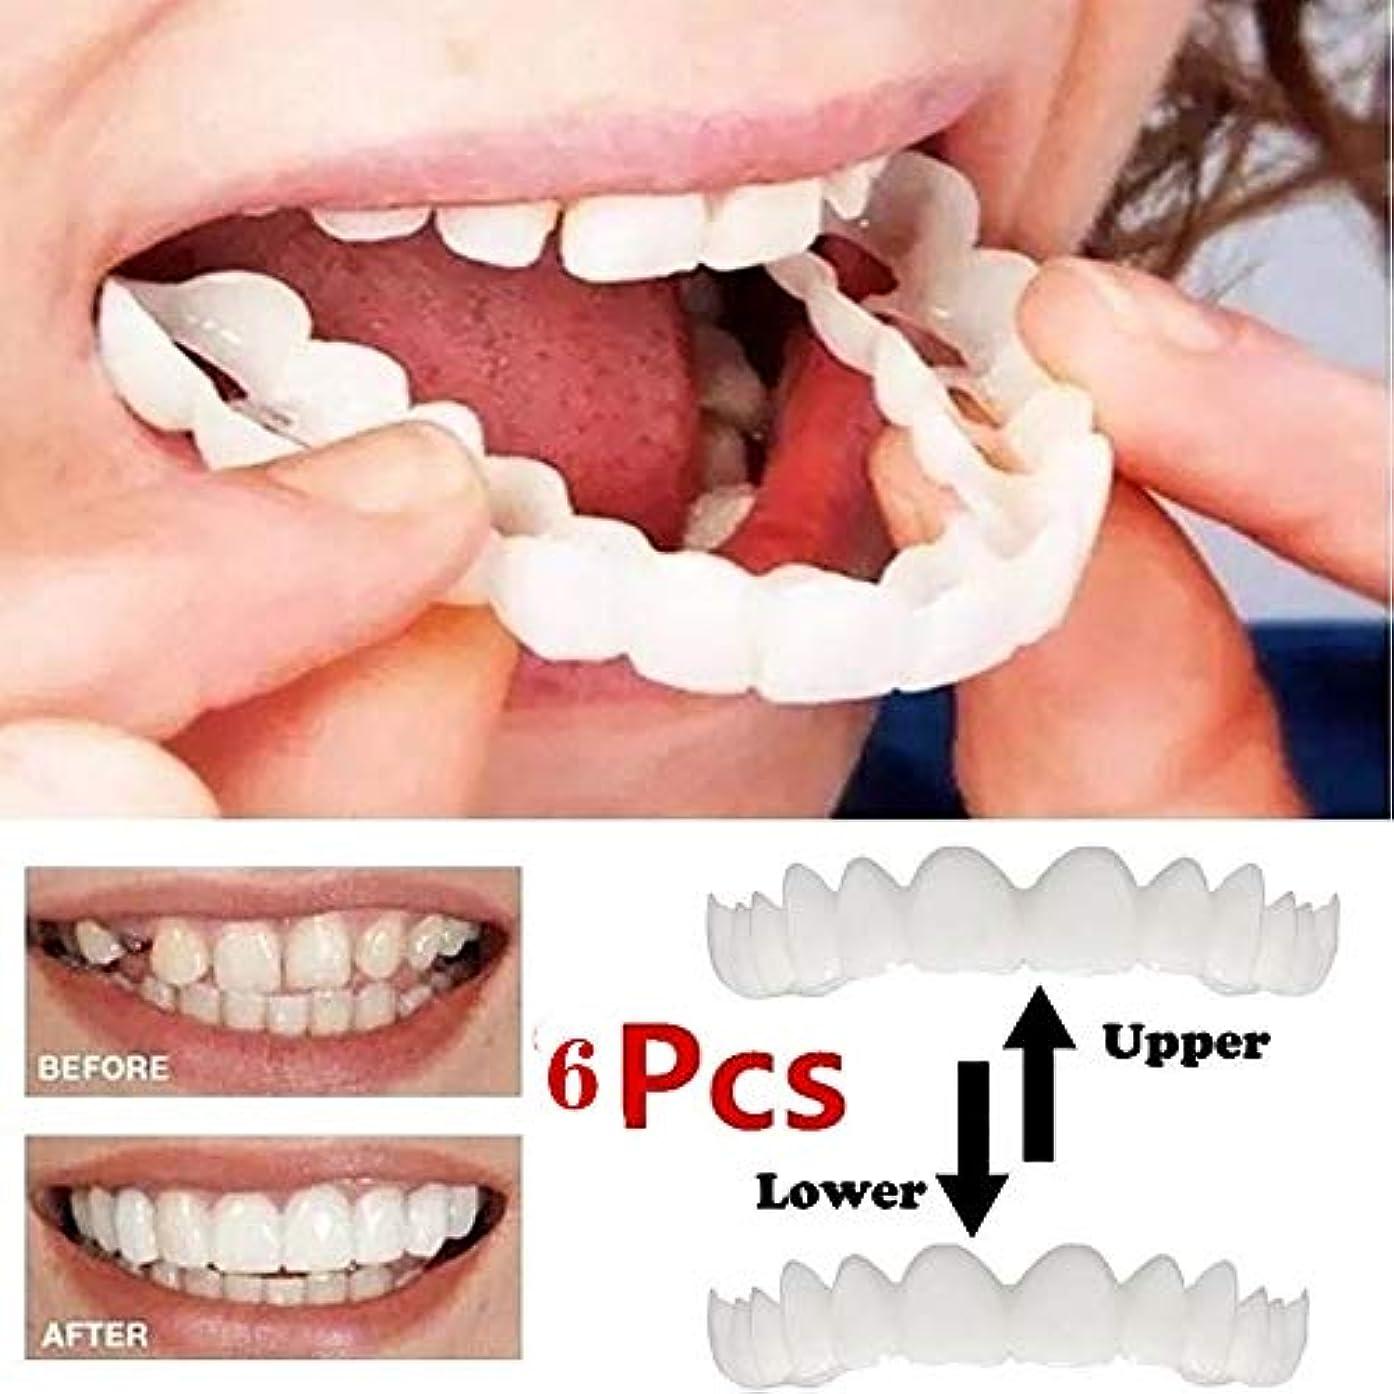 同化する操作可能方向最新の突き板の歯、化粧品の歯3ペア - 一時的な笑顔の快適さフィットフレックス化粧品の歯、ワンサイズが最もフィット、快適なトップとボトムベニア - 歯突き板(ボトム+トップ)